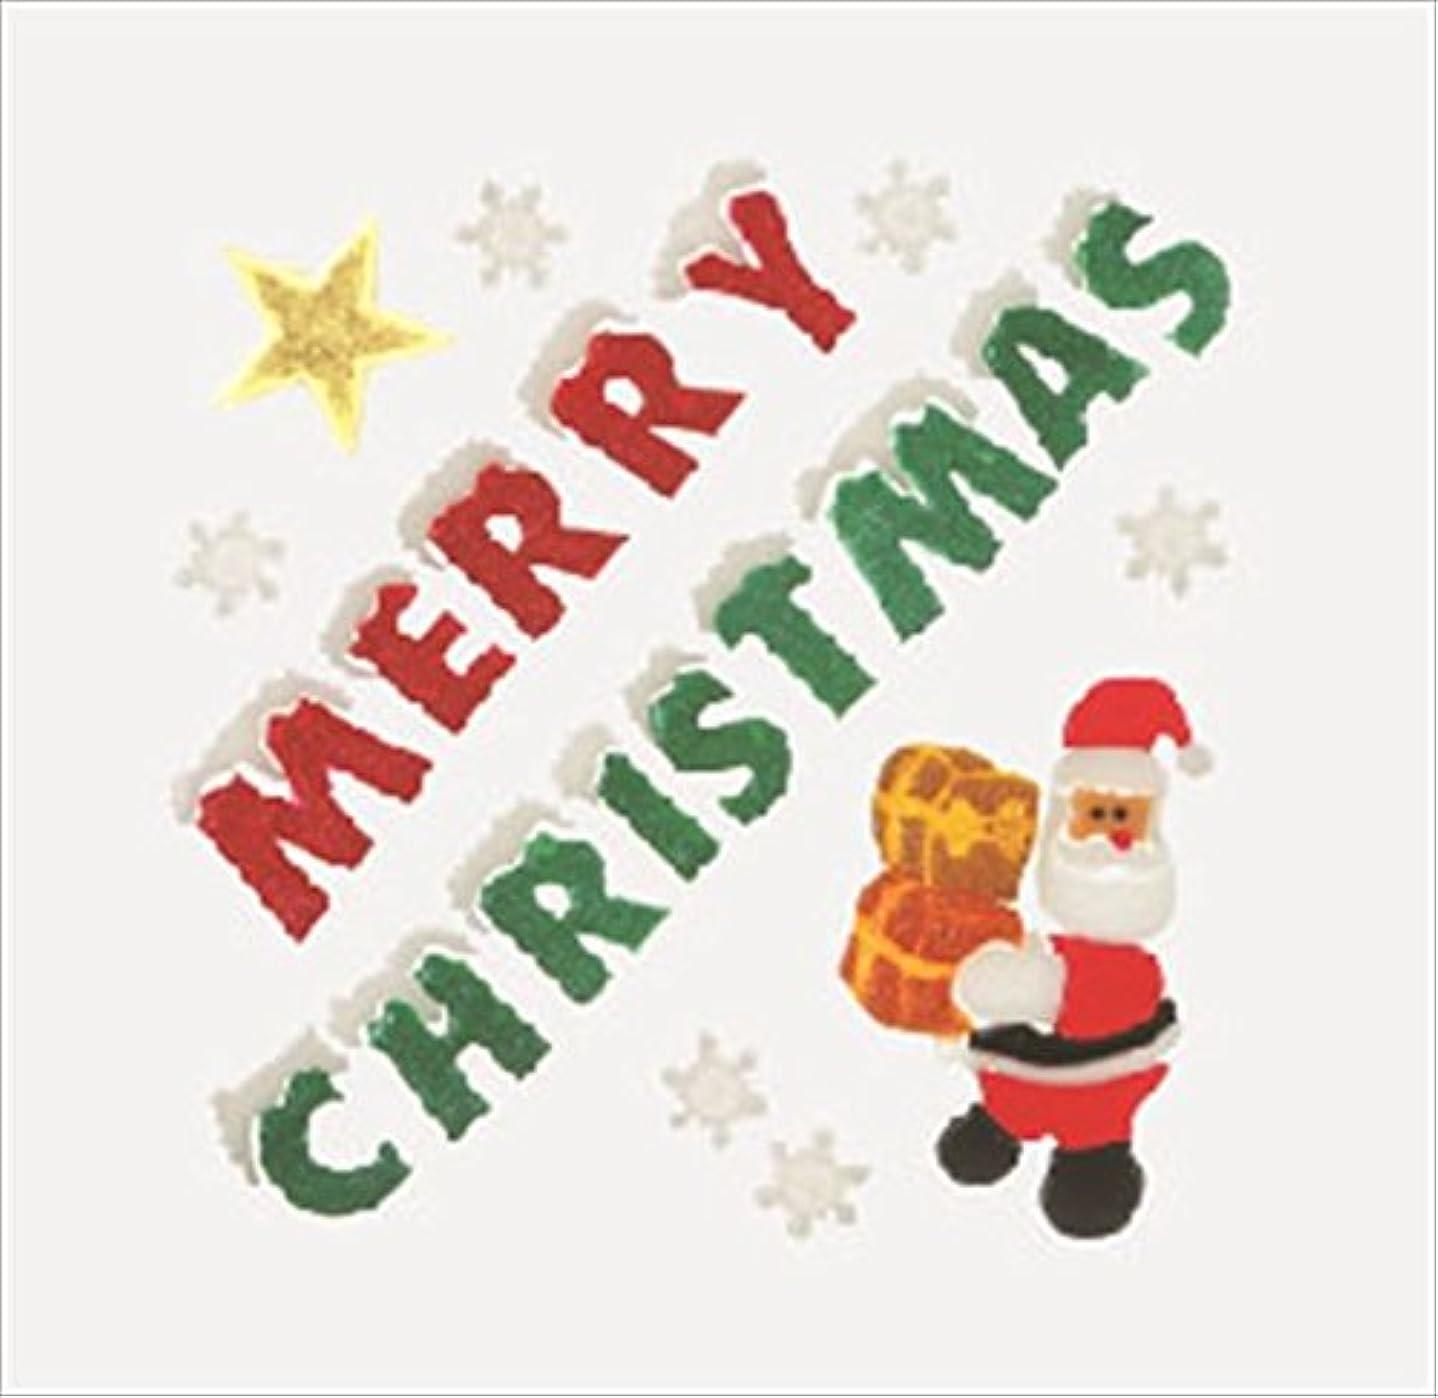 カール記憶オフェンスジェルジェム(GelGems) ジェルジェムバッグL 「 クリスマスサンタ 」